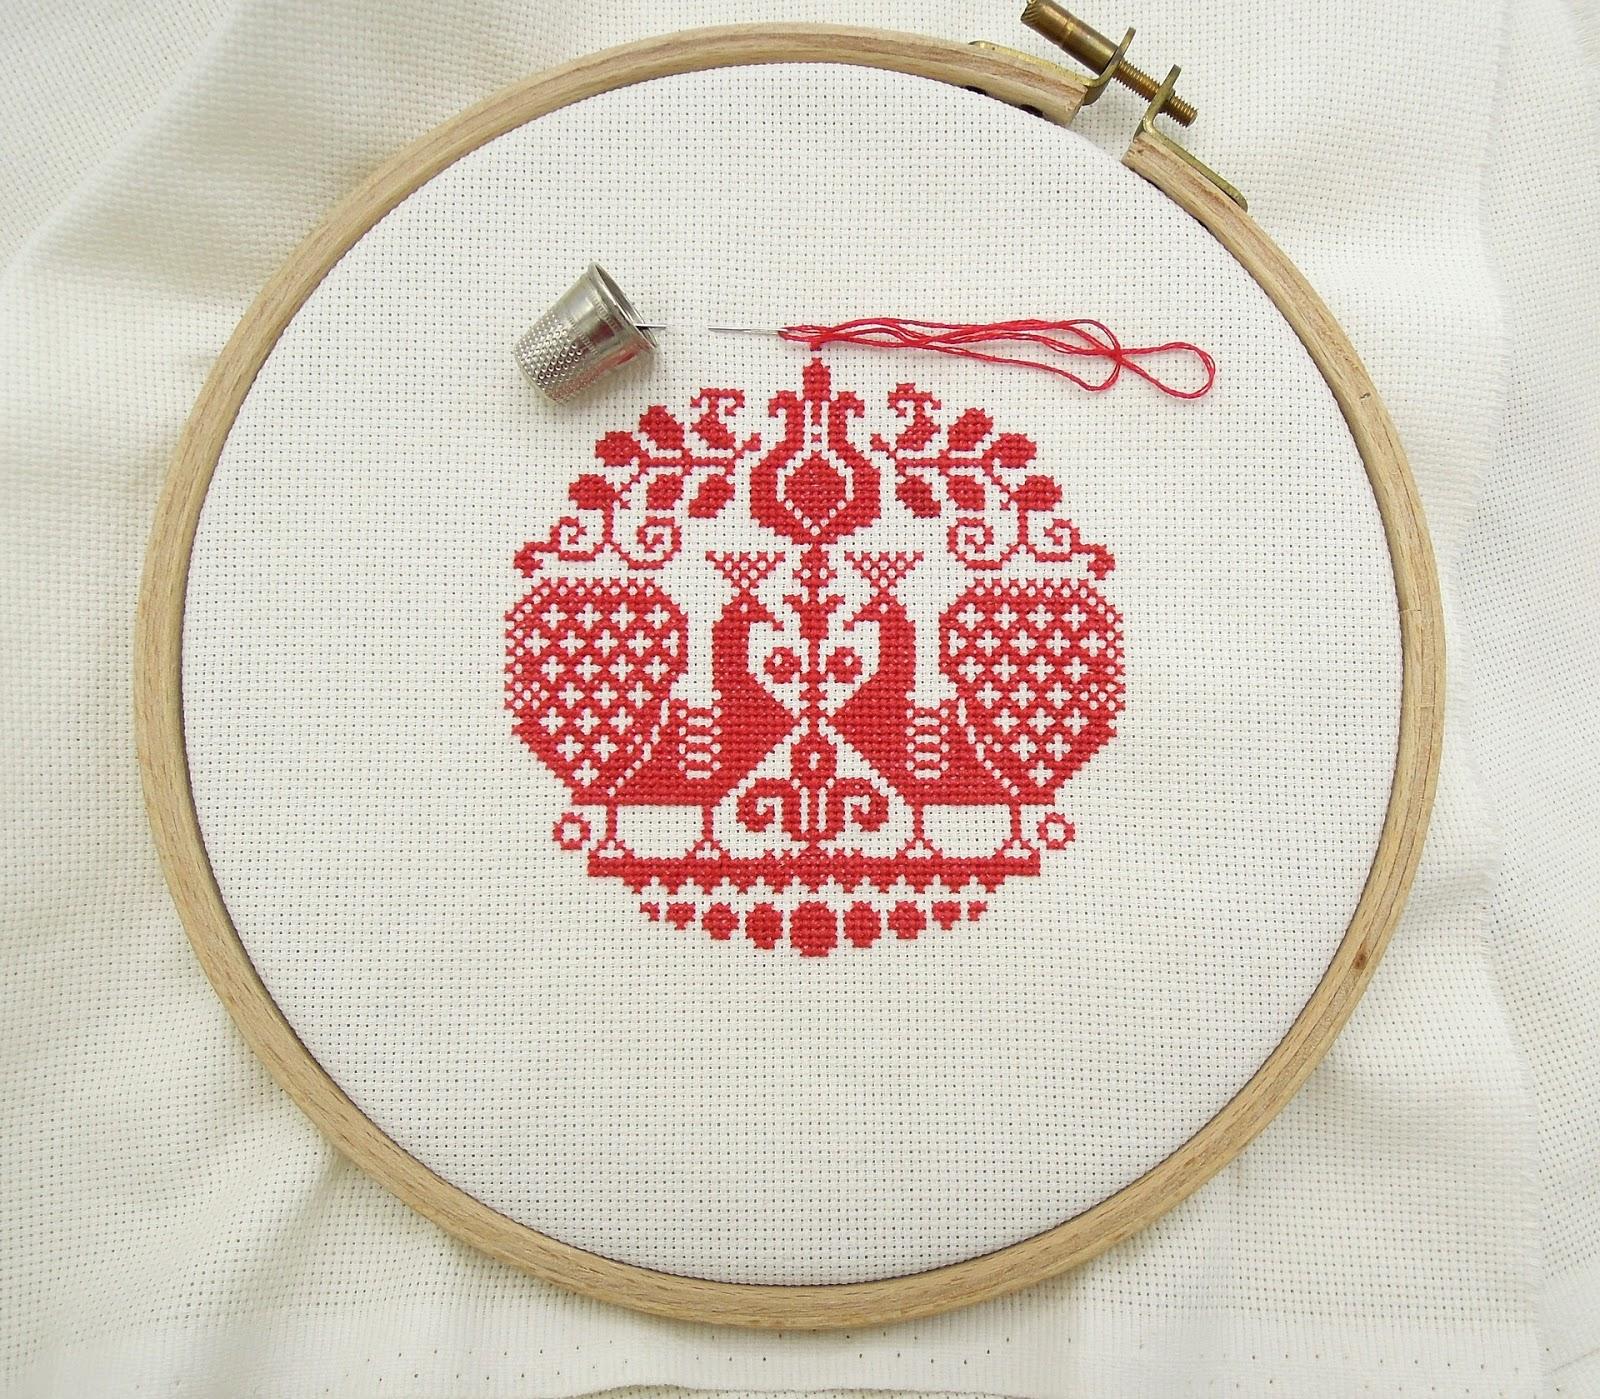 Хотите научиться вышивать? Купите набор для вышивания!